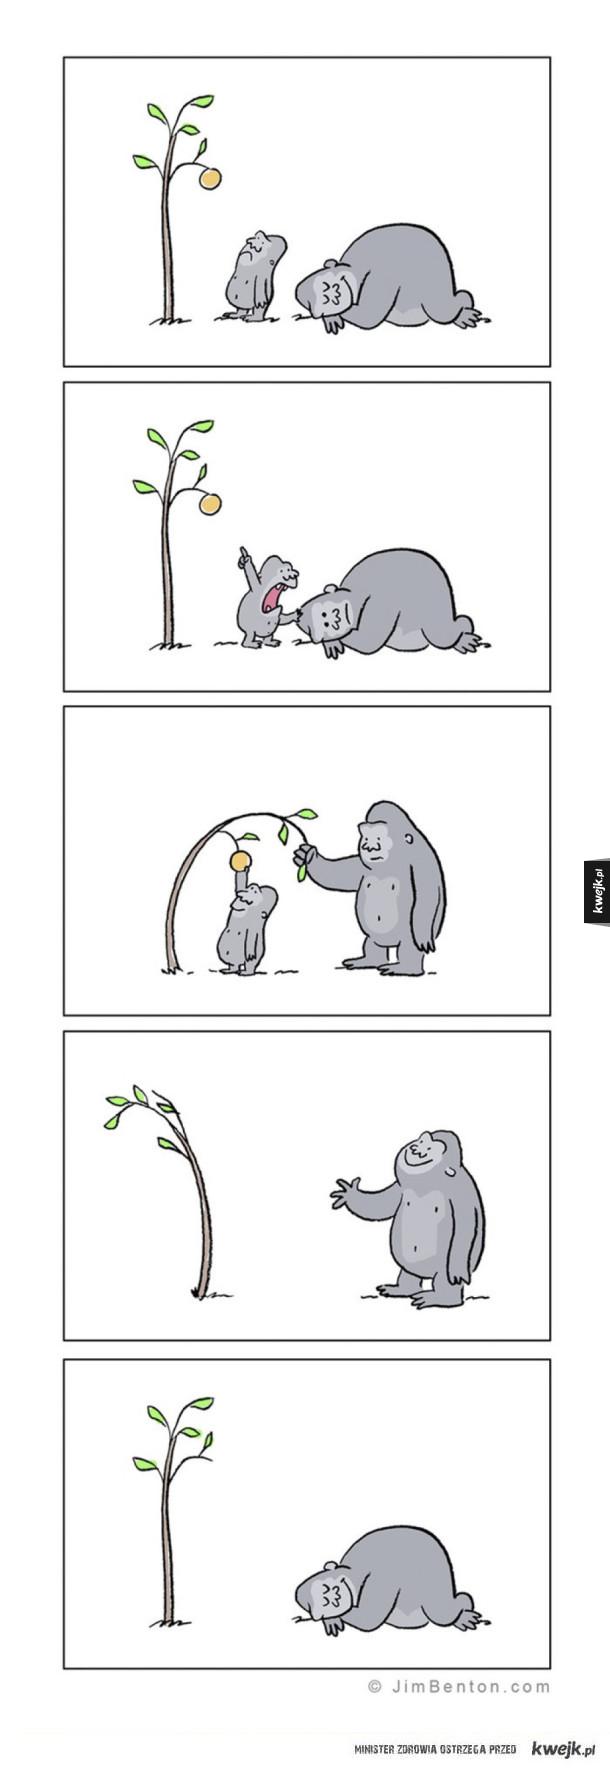 Jak postępować z dziećmi